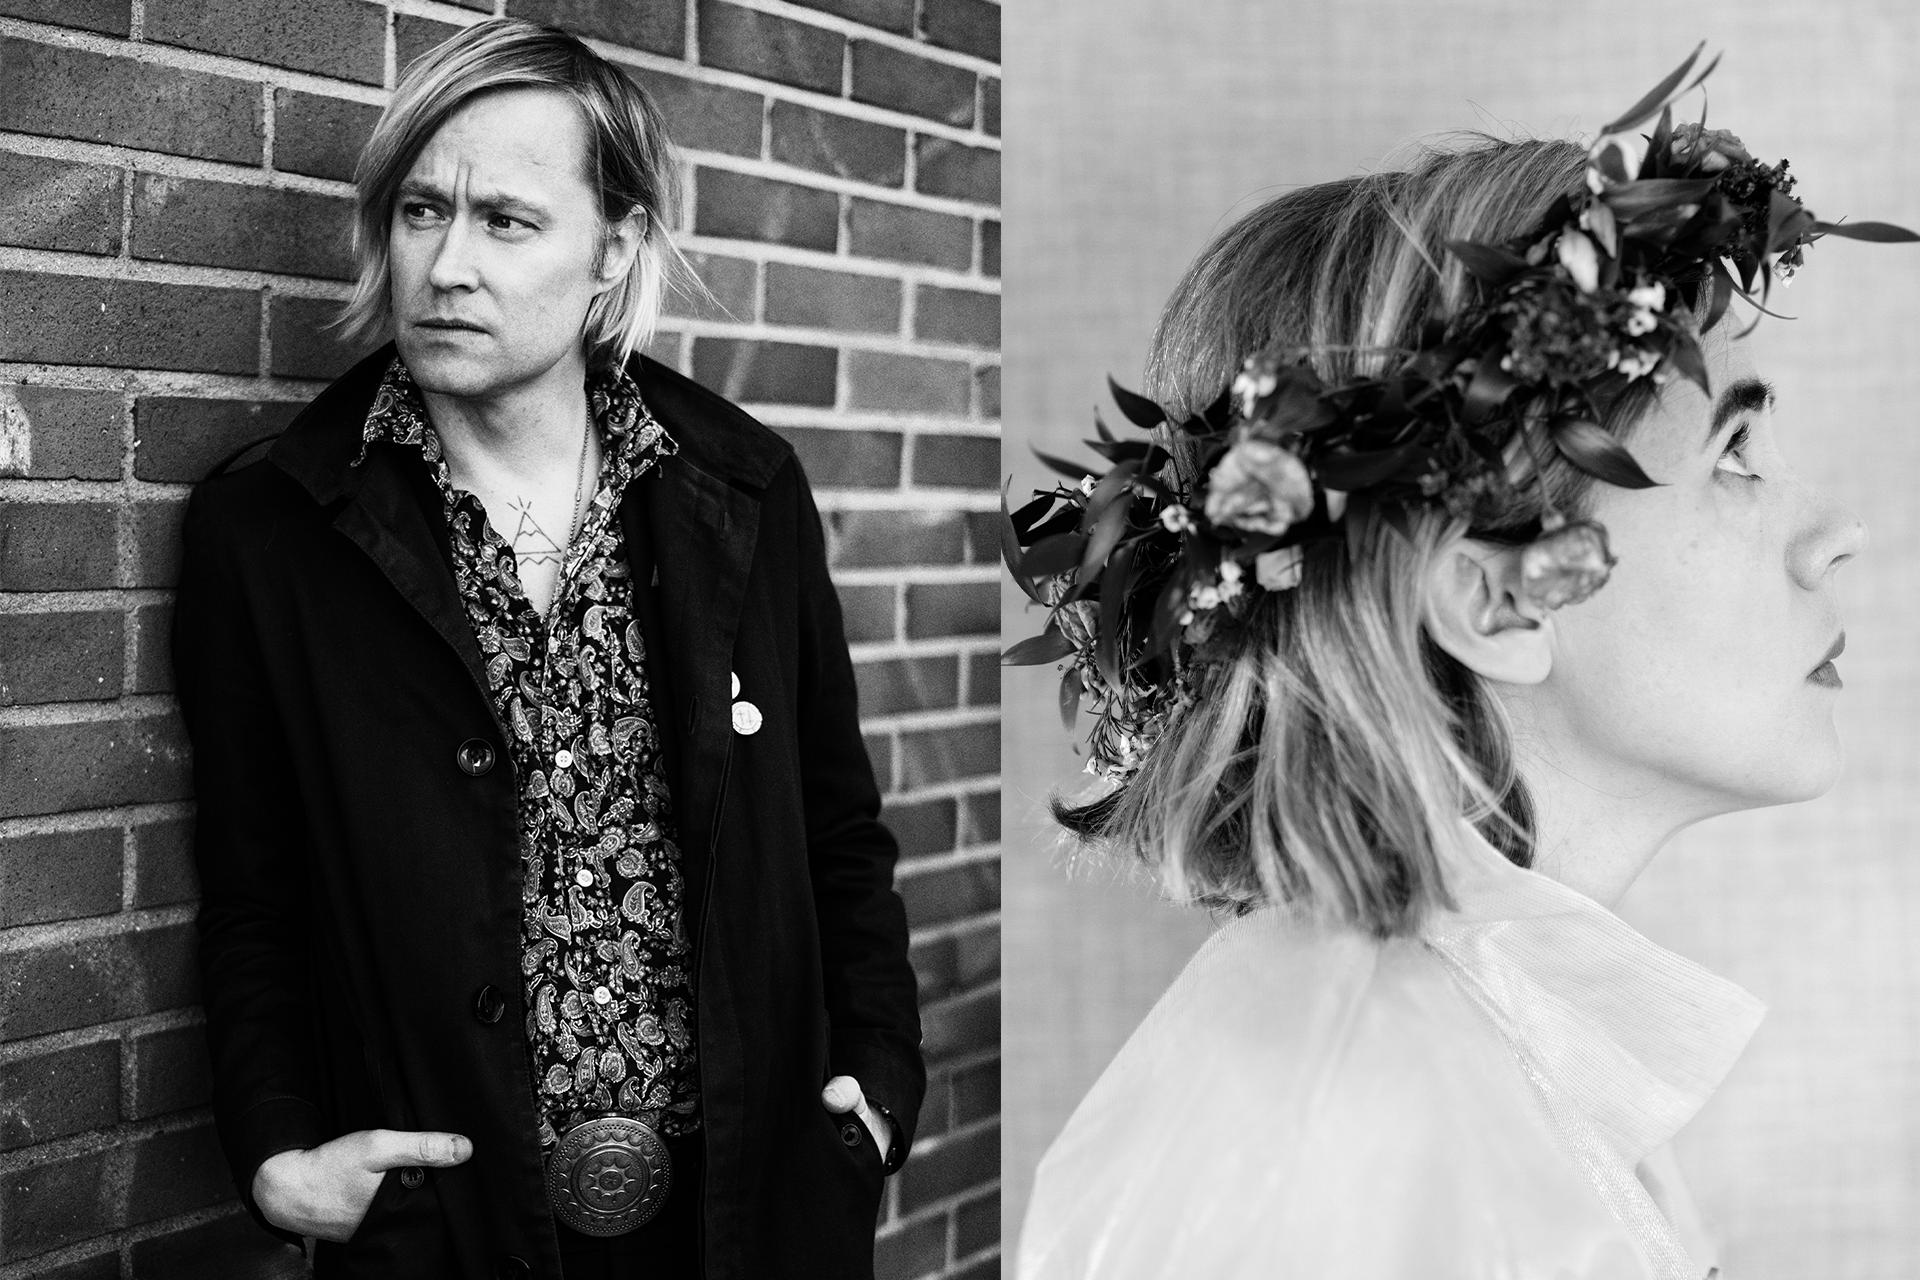 5 oktober 2020 – Annika Norlin om att kombinera musik med utbildning och annan karriär